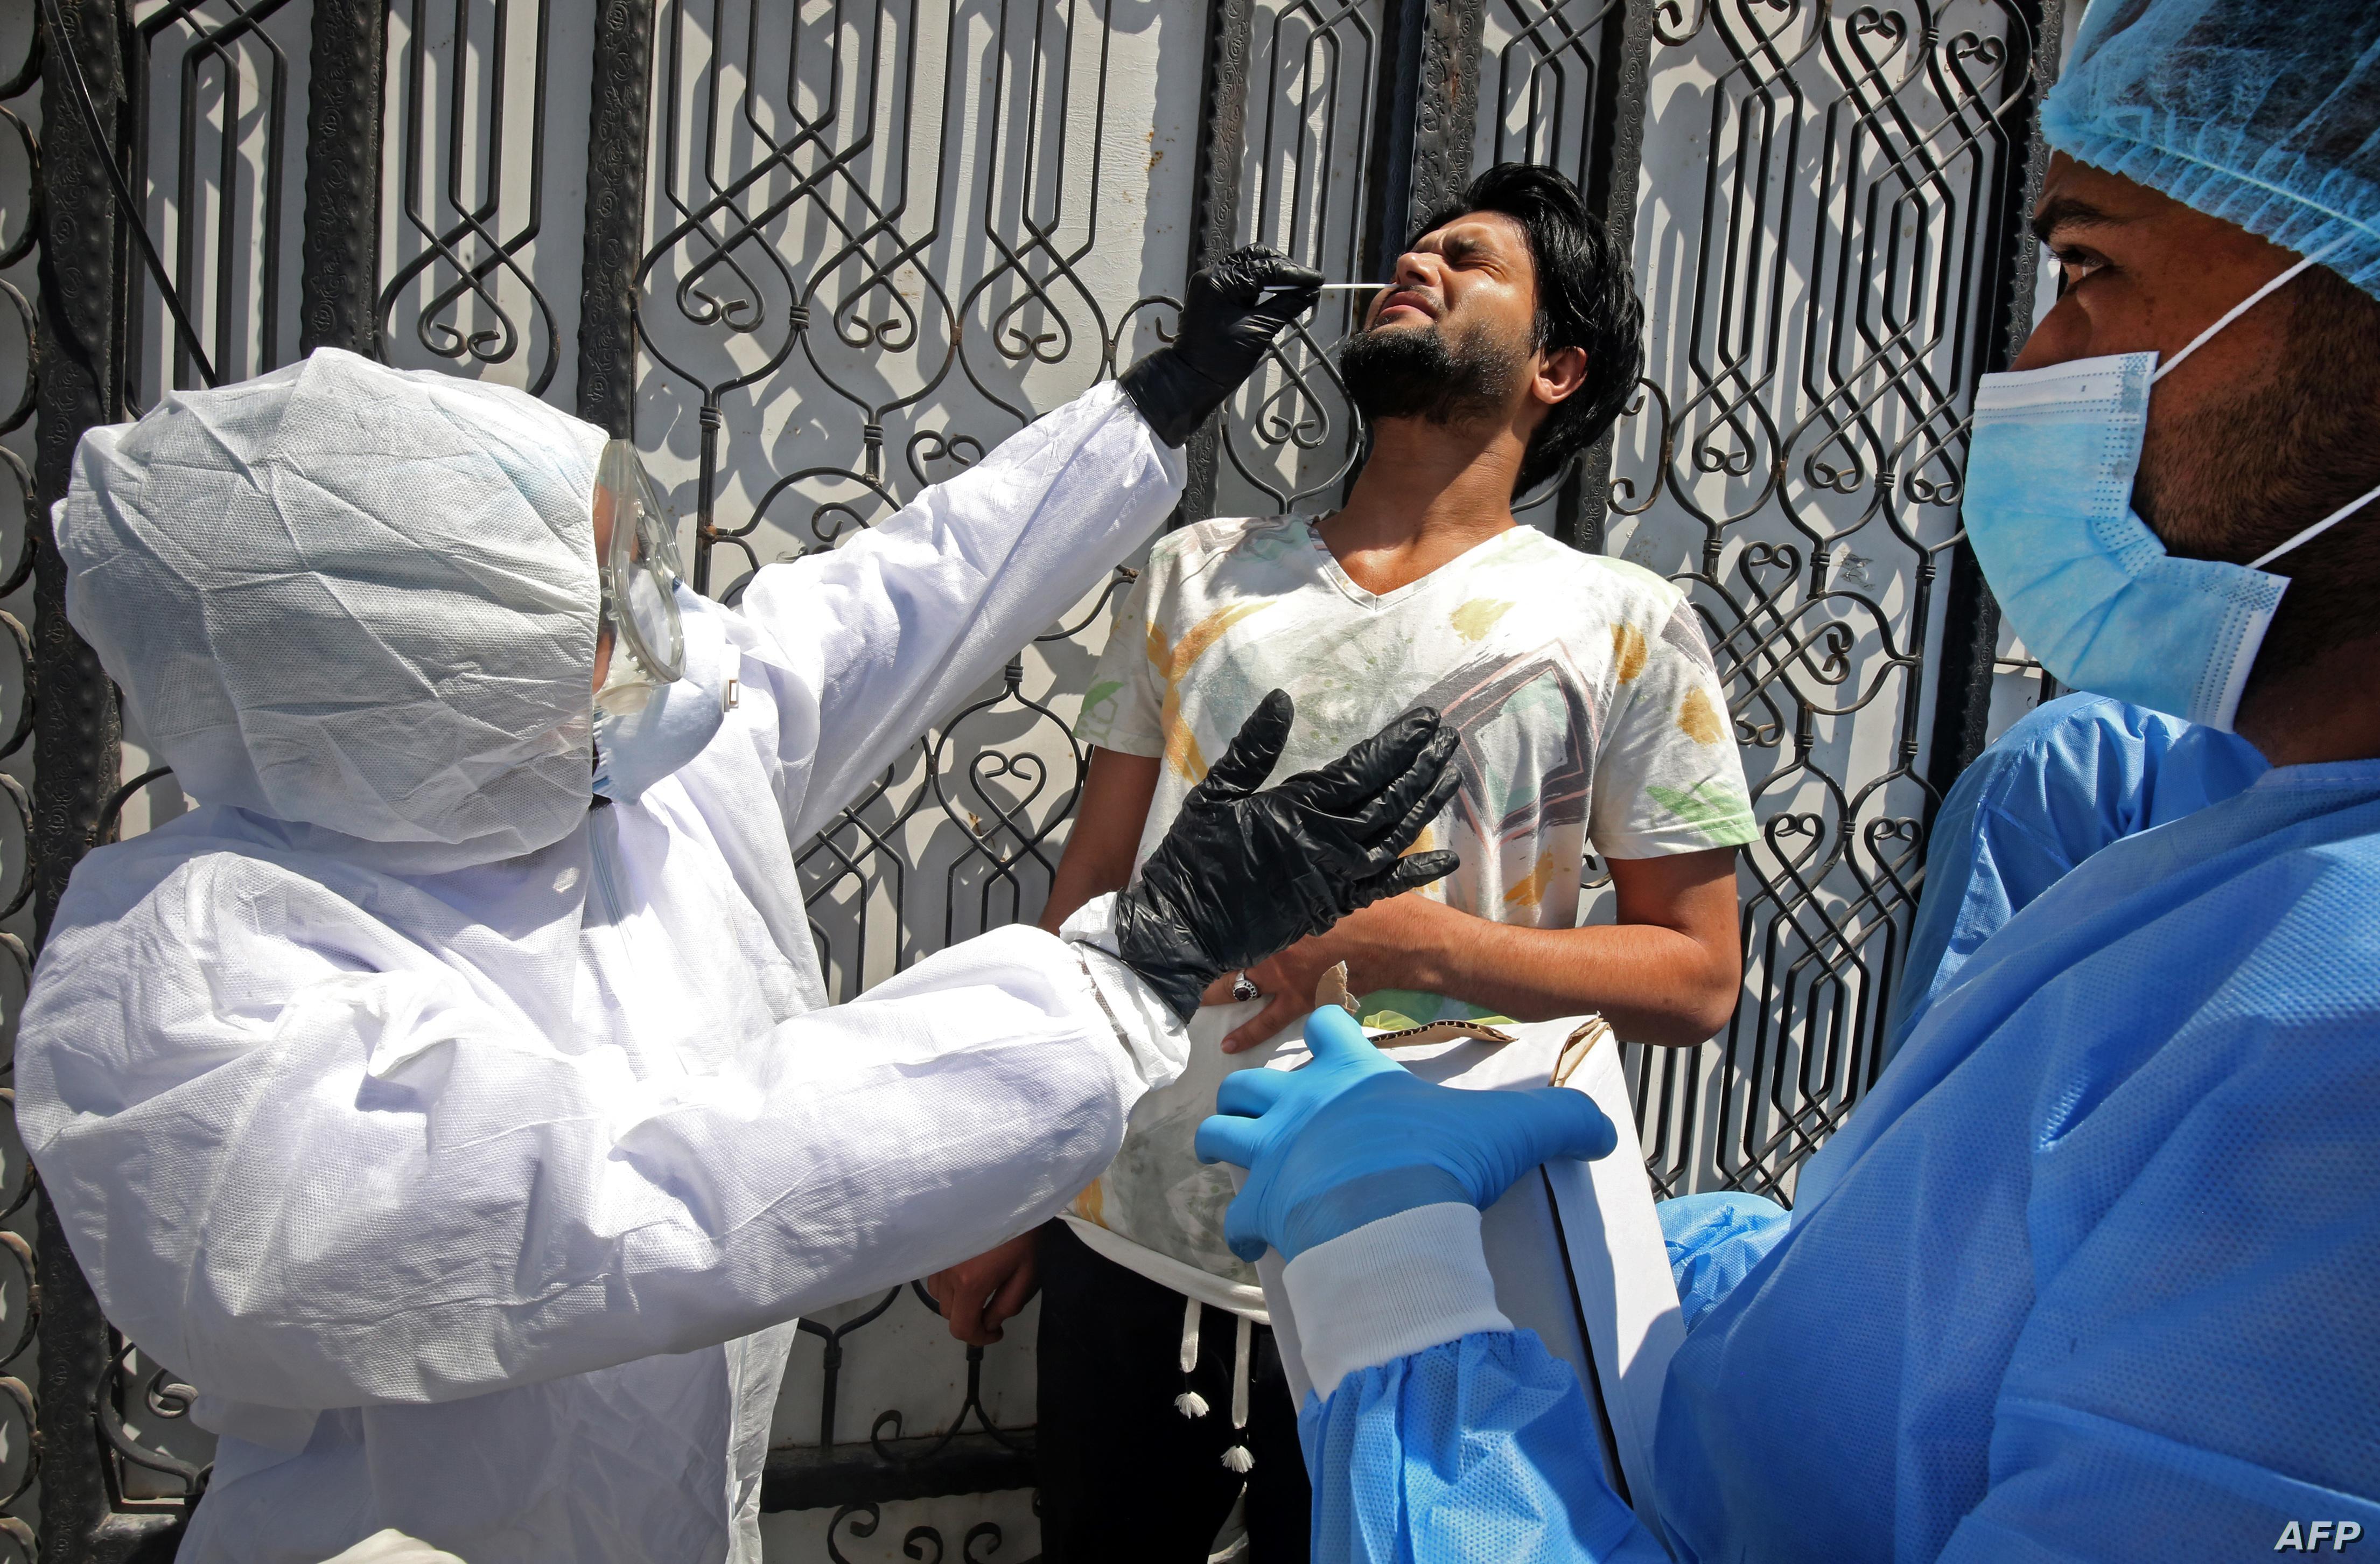 بعد تعليق رويترز في العراق.. دعوة أممية لدعم التقارير المستقلة عن ...